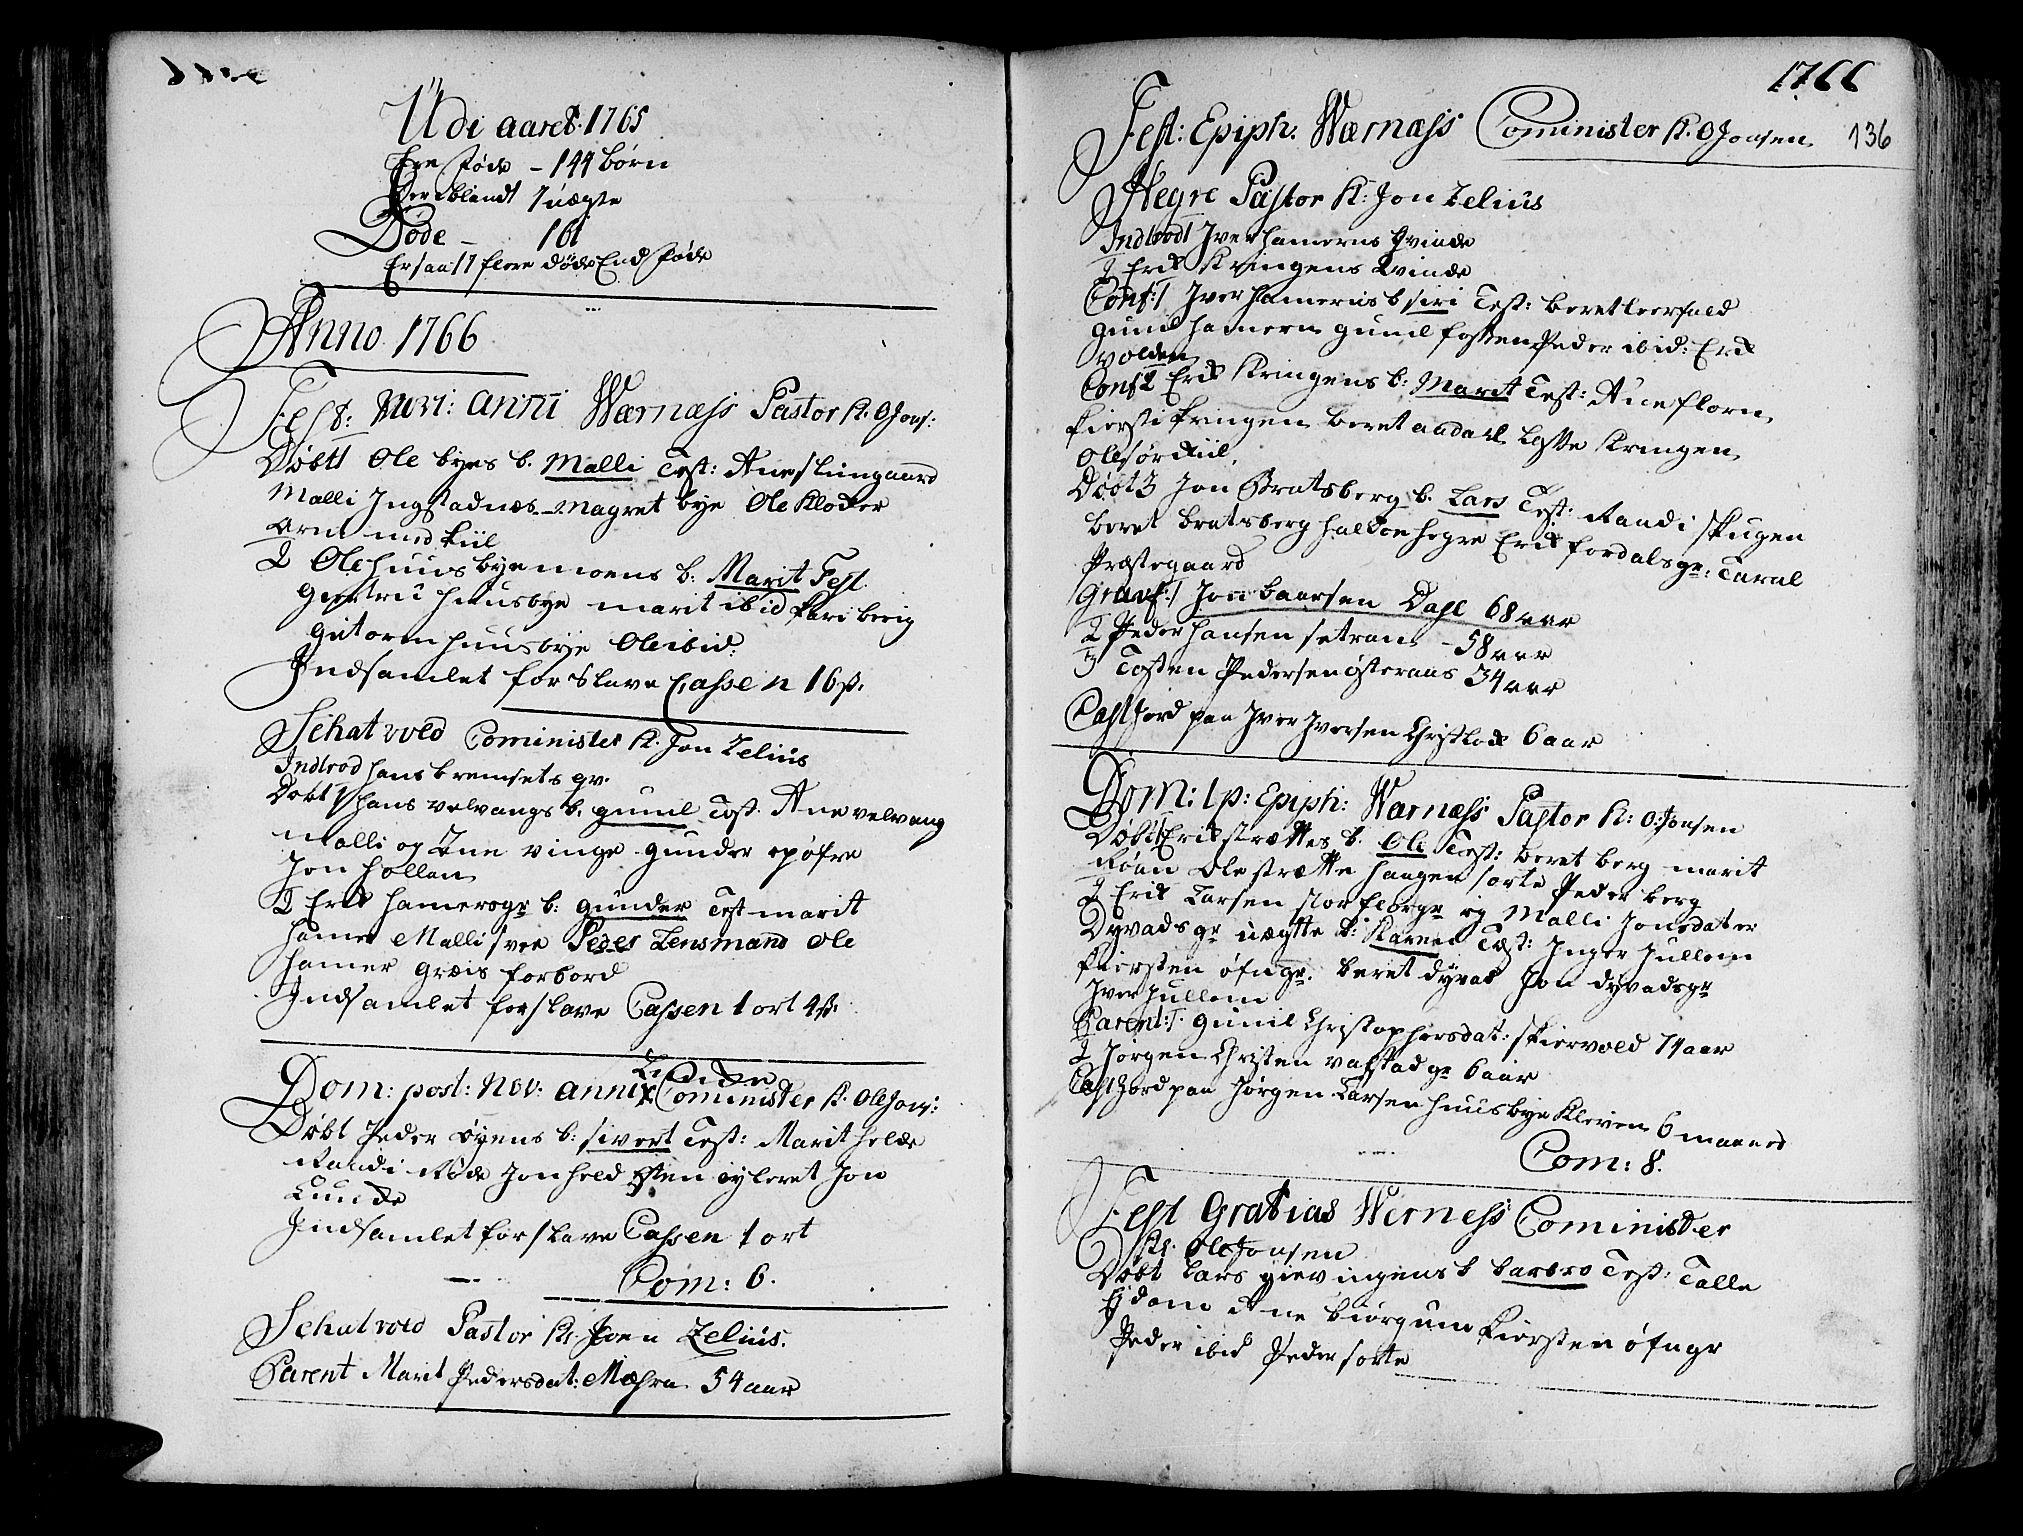 SAT, Ministerialprotokoller, klokkerbøker og fødselsregistre - Nord-Trøndelag, 709/L0057: Ministerialbok nr. 709A05, 1755-1780, s. 136